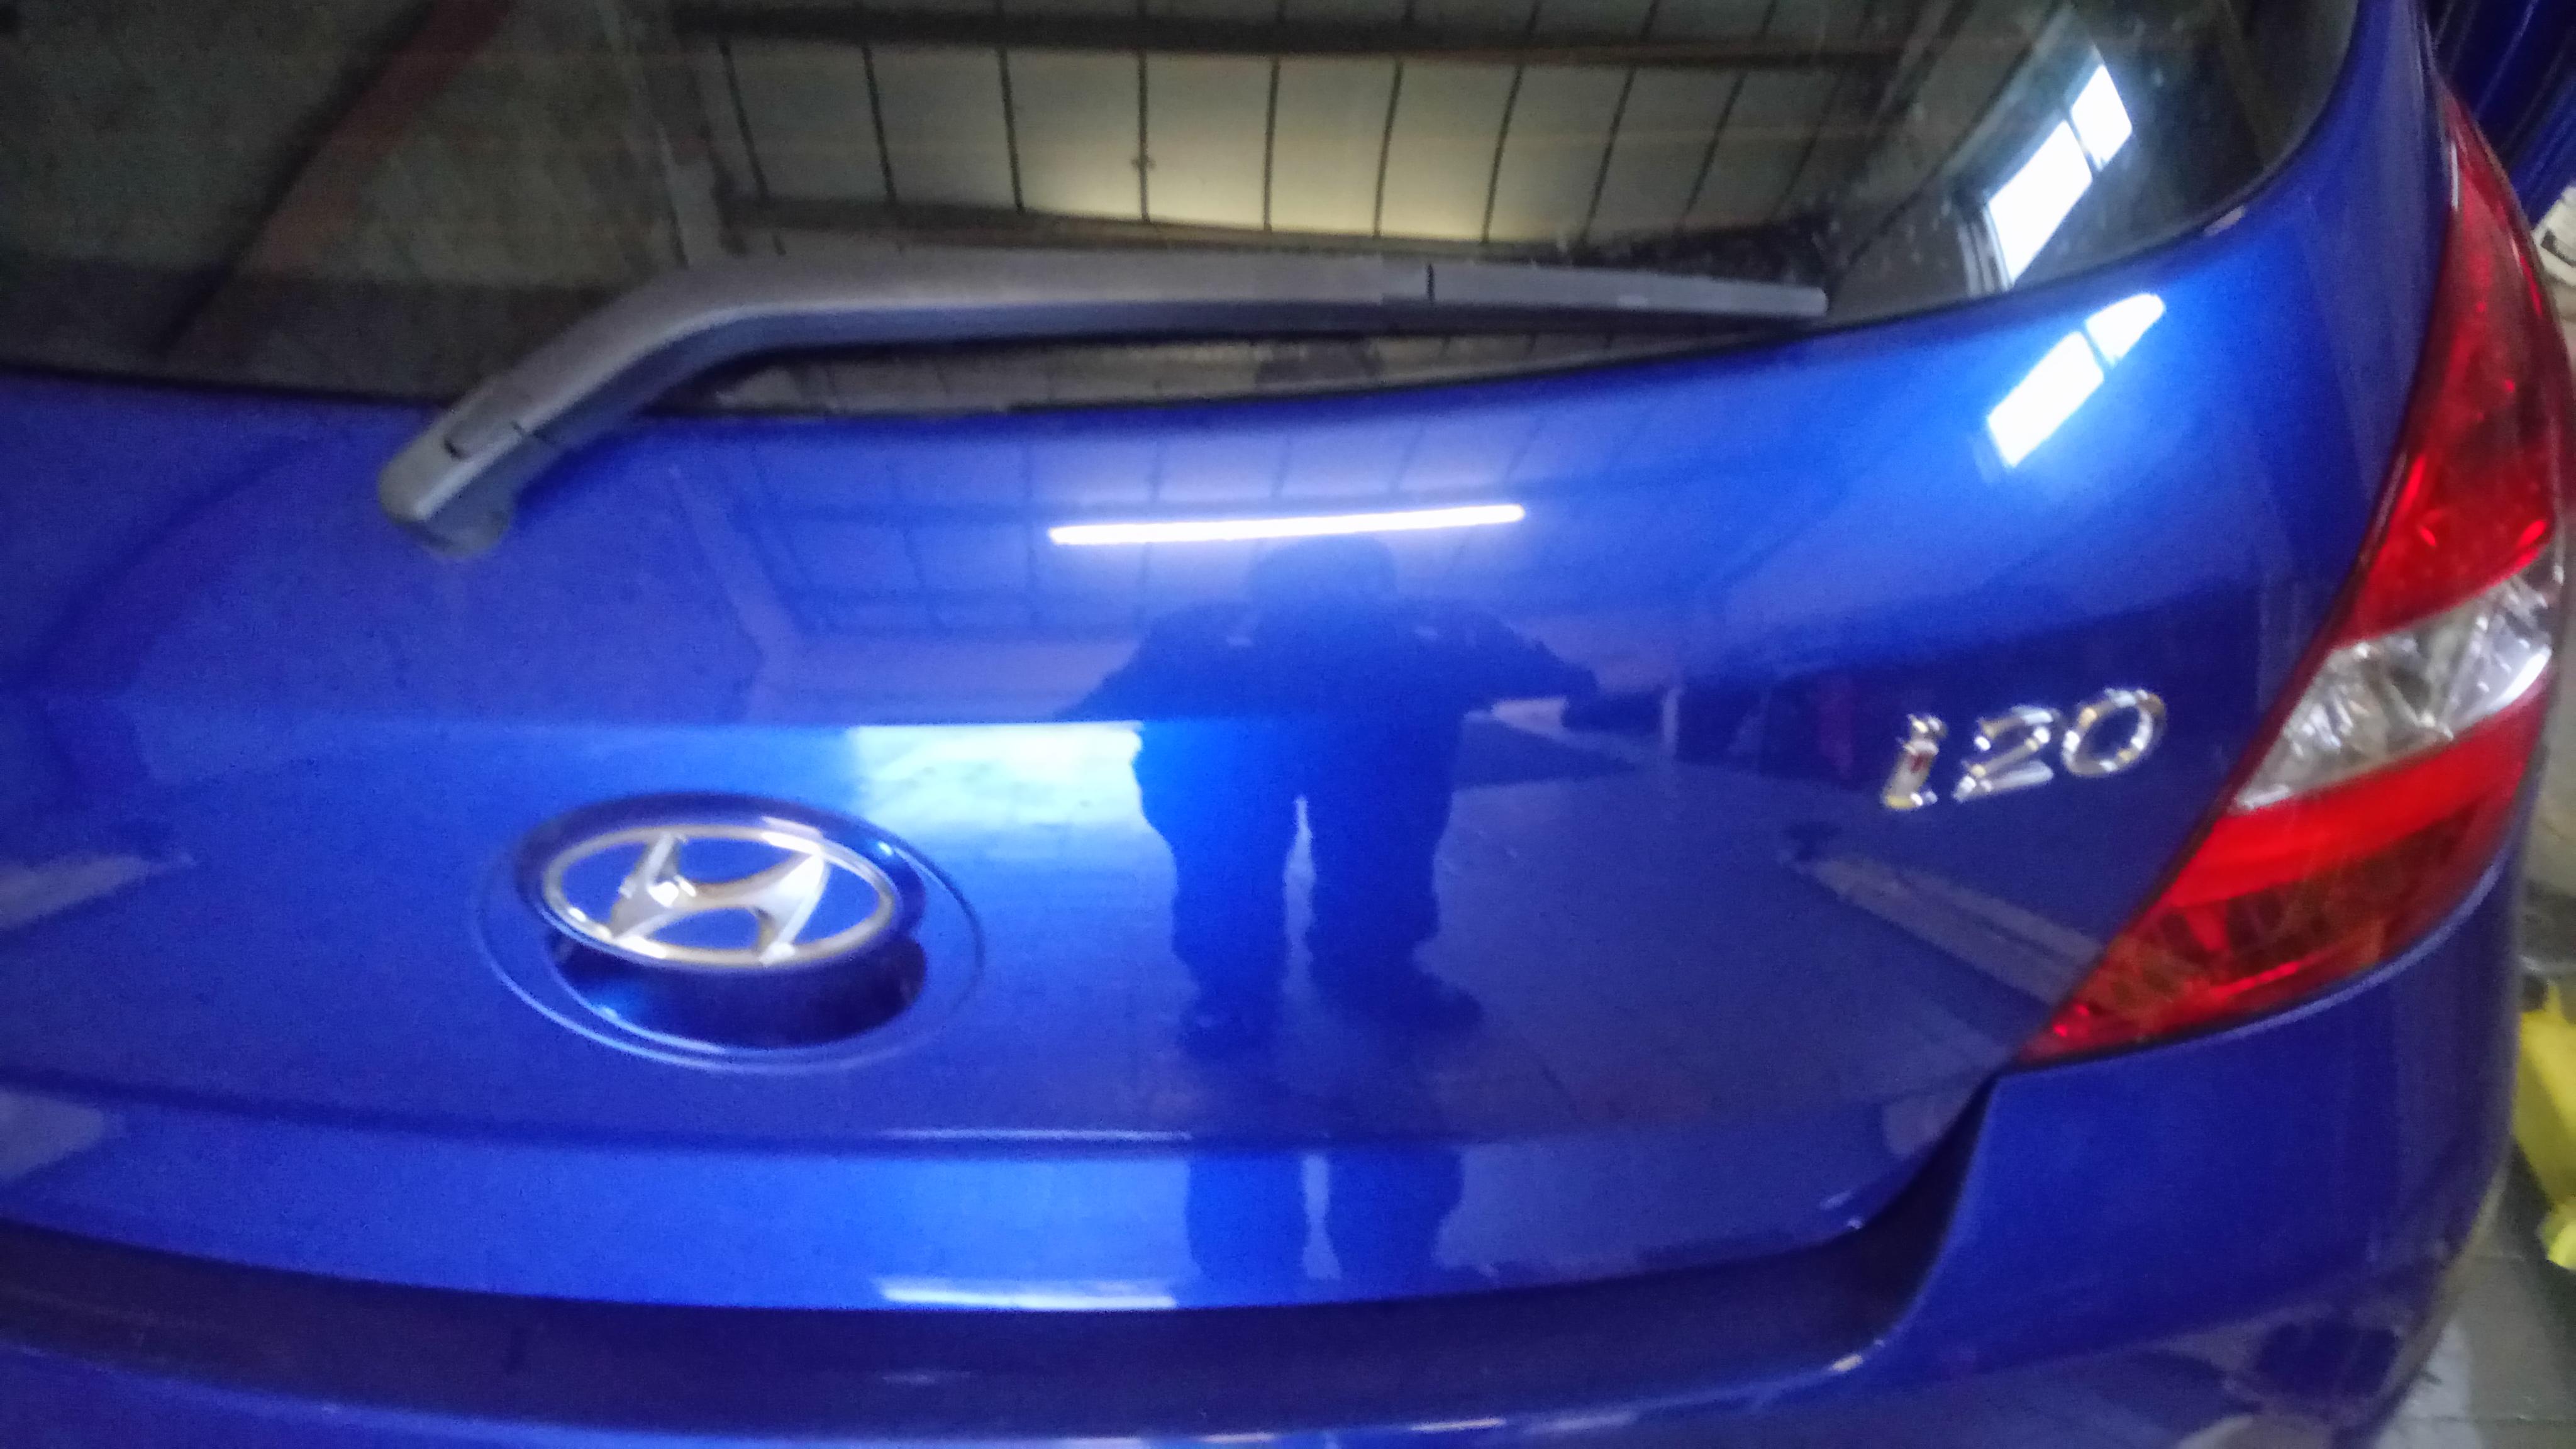 Hyundai I20 No Heated Rear Screen